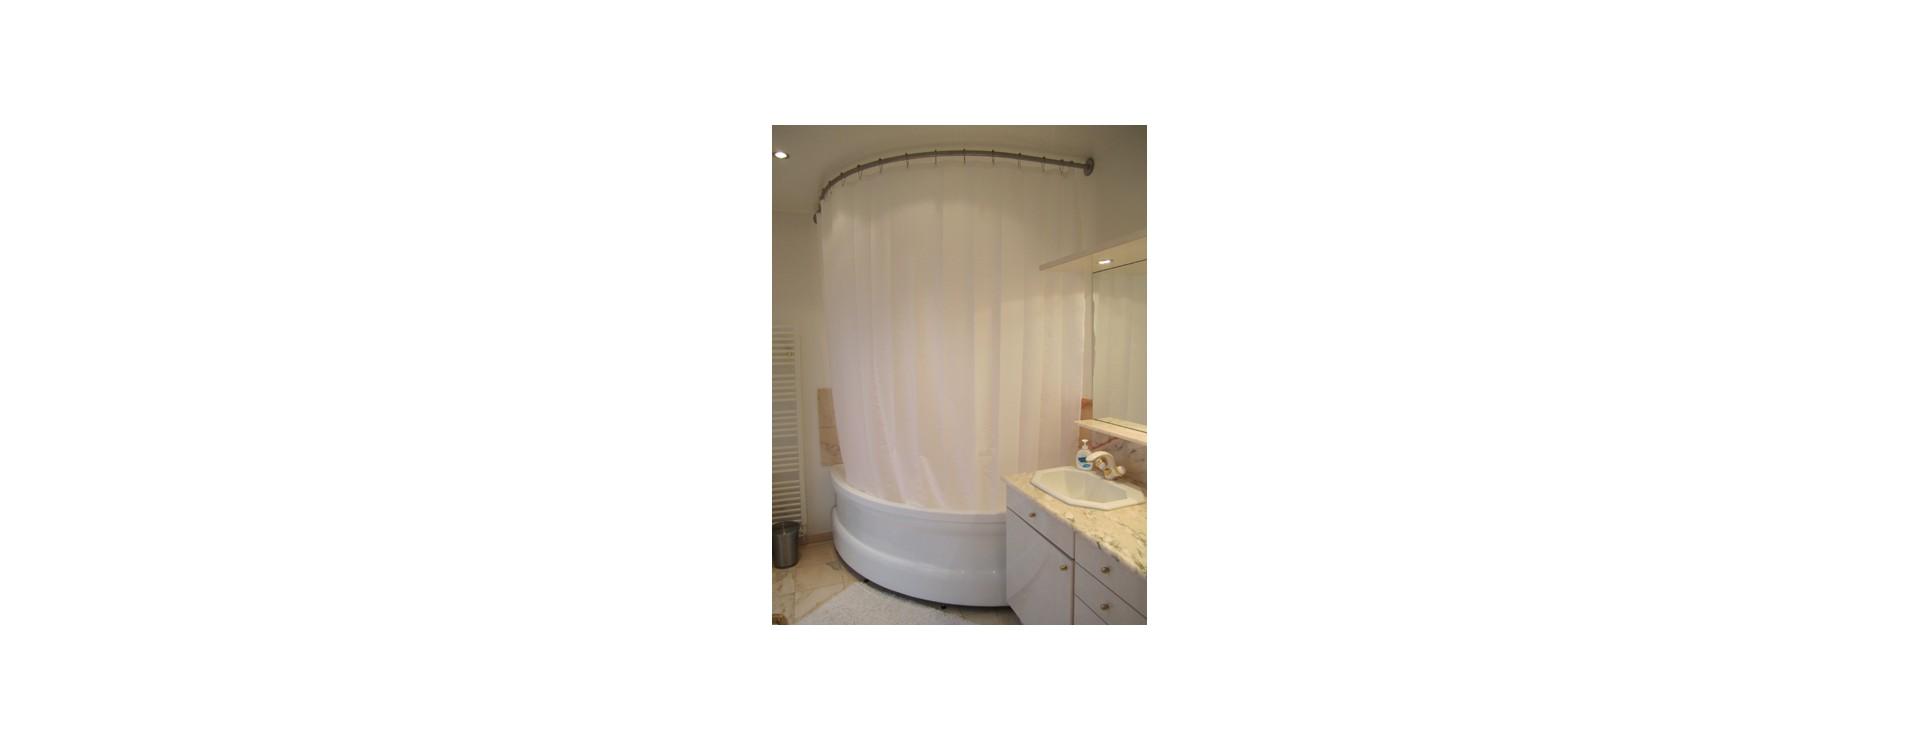 Paroi de douche pour baignoire d'angle d'une salle de bain en bord de mer